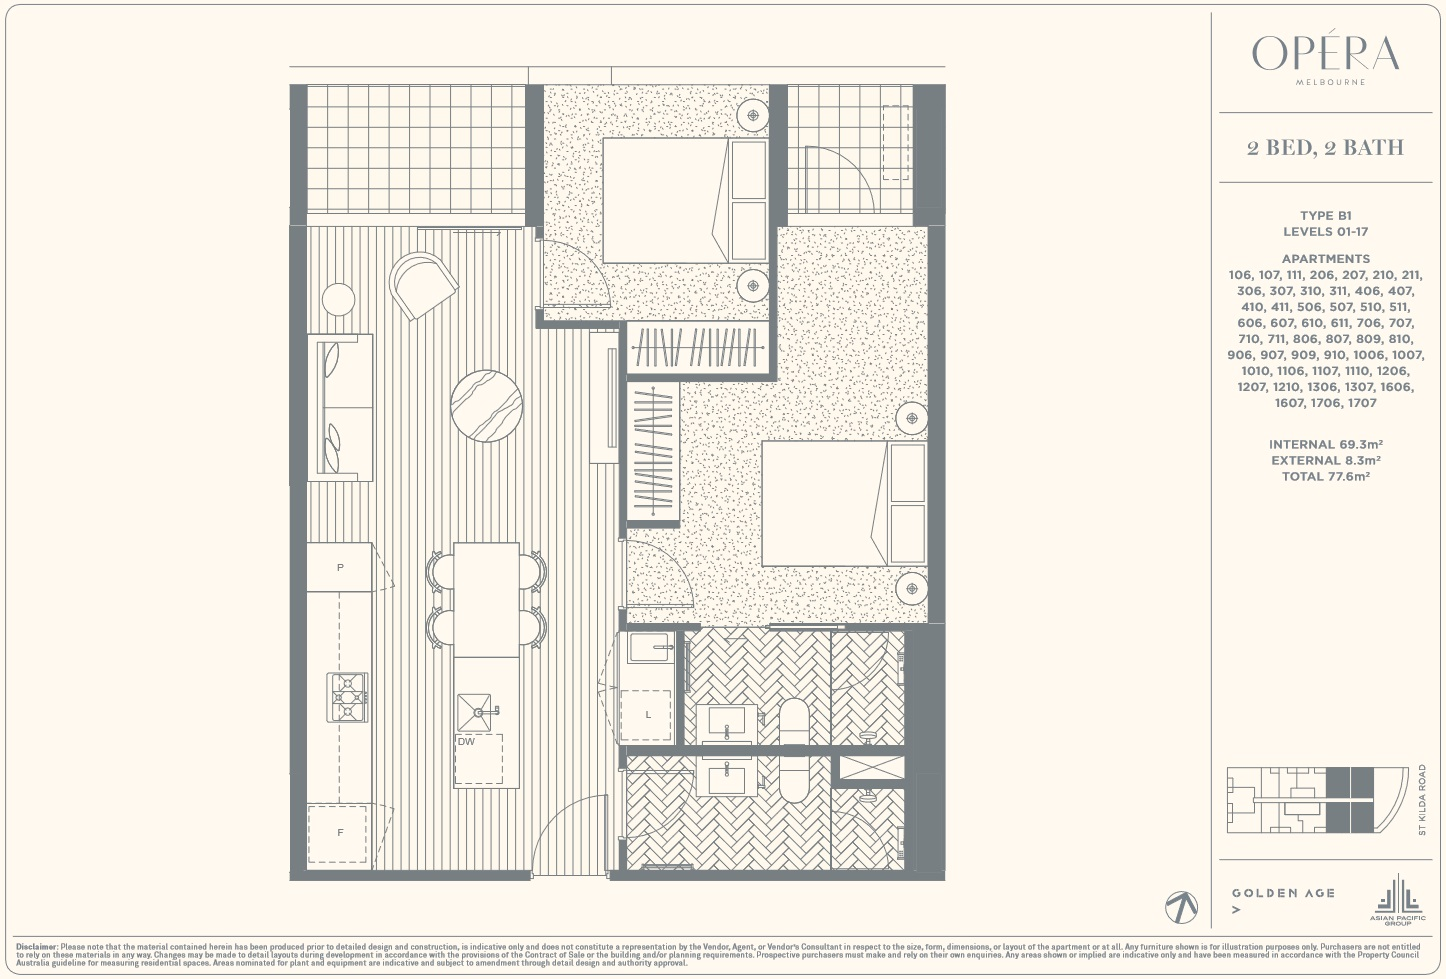 Floor Plan Type B1 - 2Bed2Bath